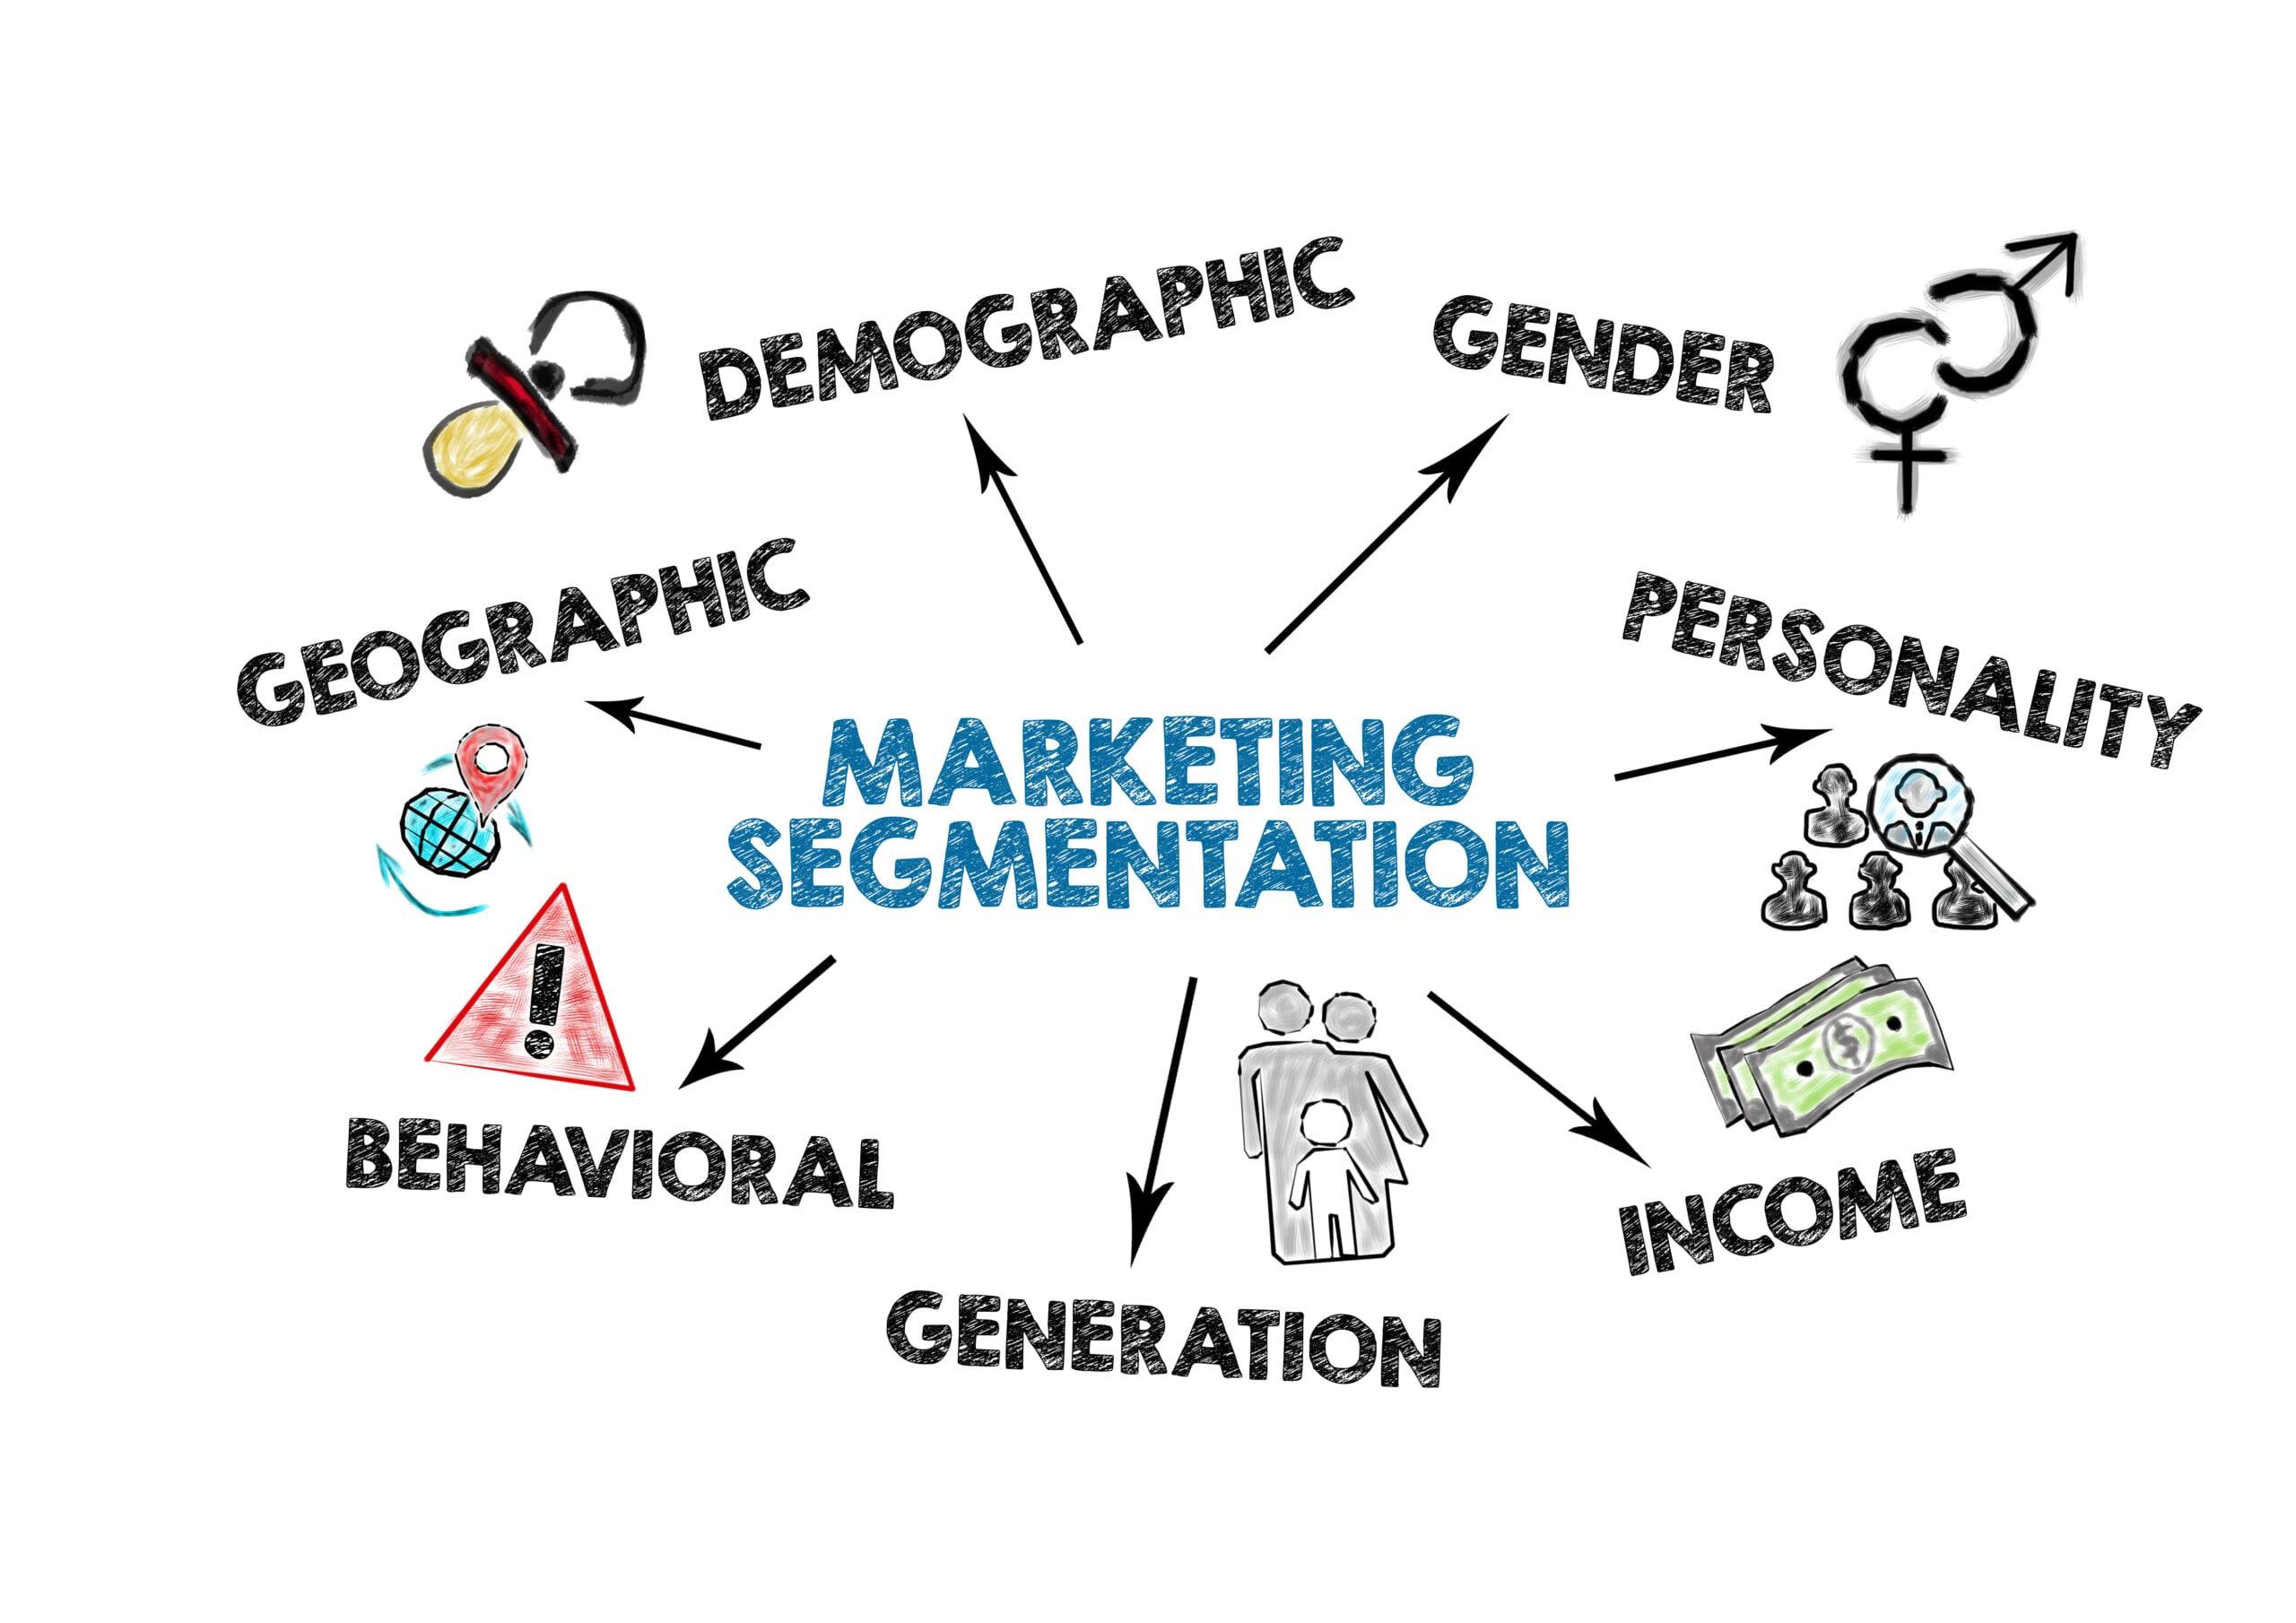 Webdesign, SEO, iMarketing Engagement Business Consulting Image for Marketing Segmentation